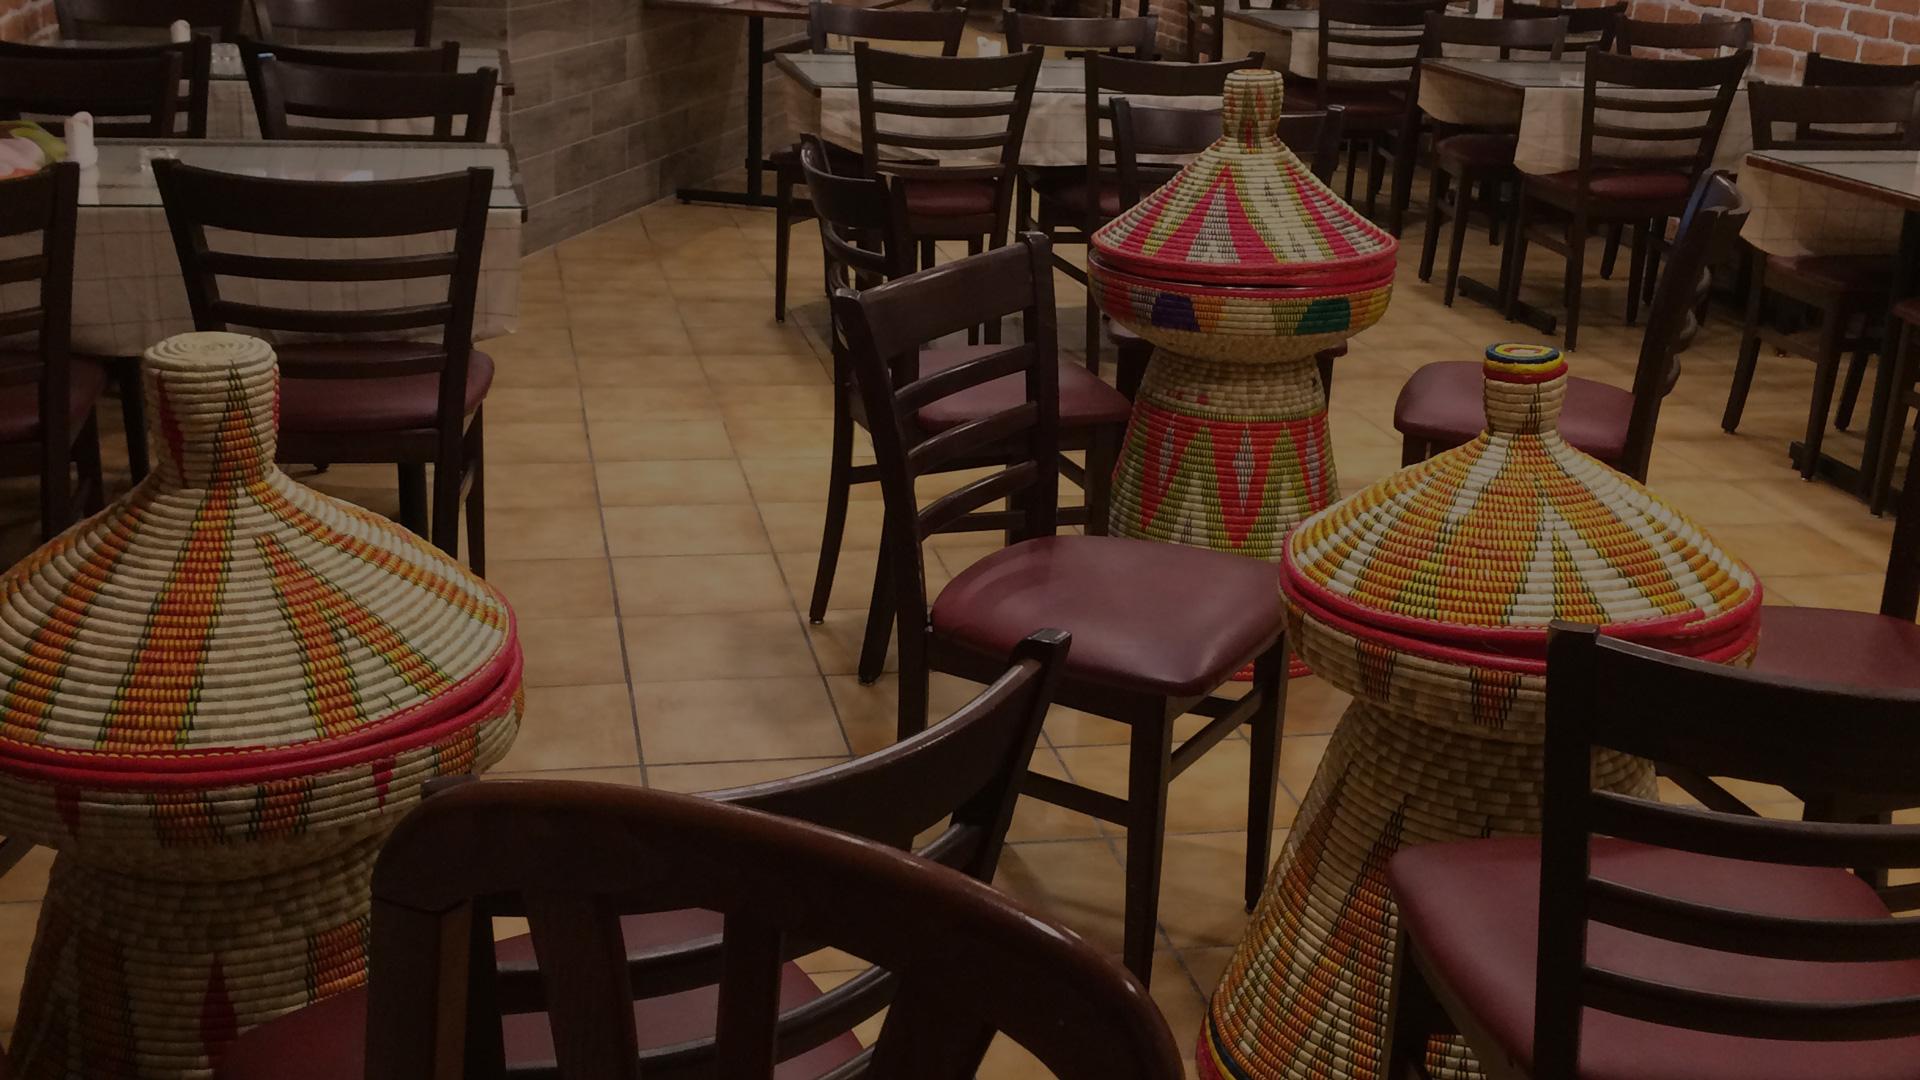 East Africa Restaurant på backaplan i Göteborg